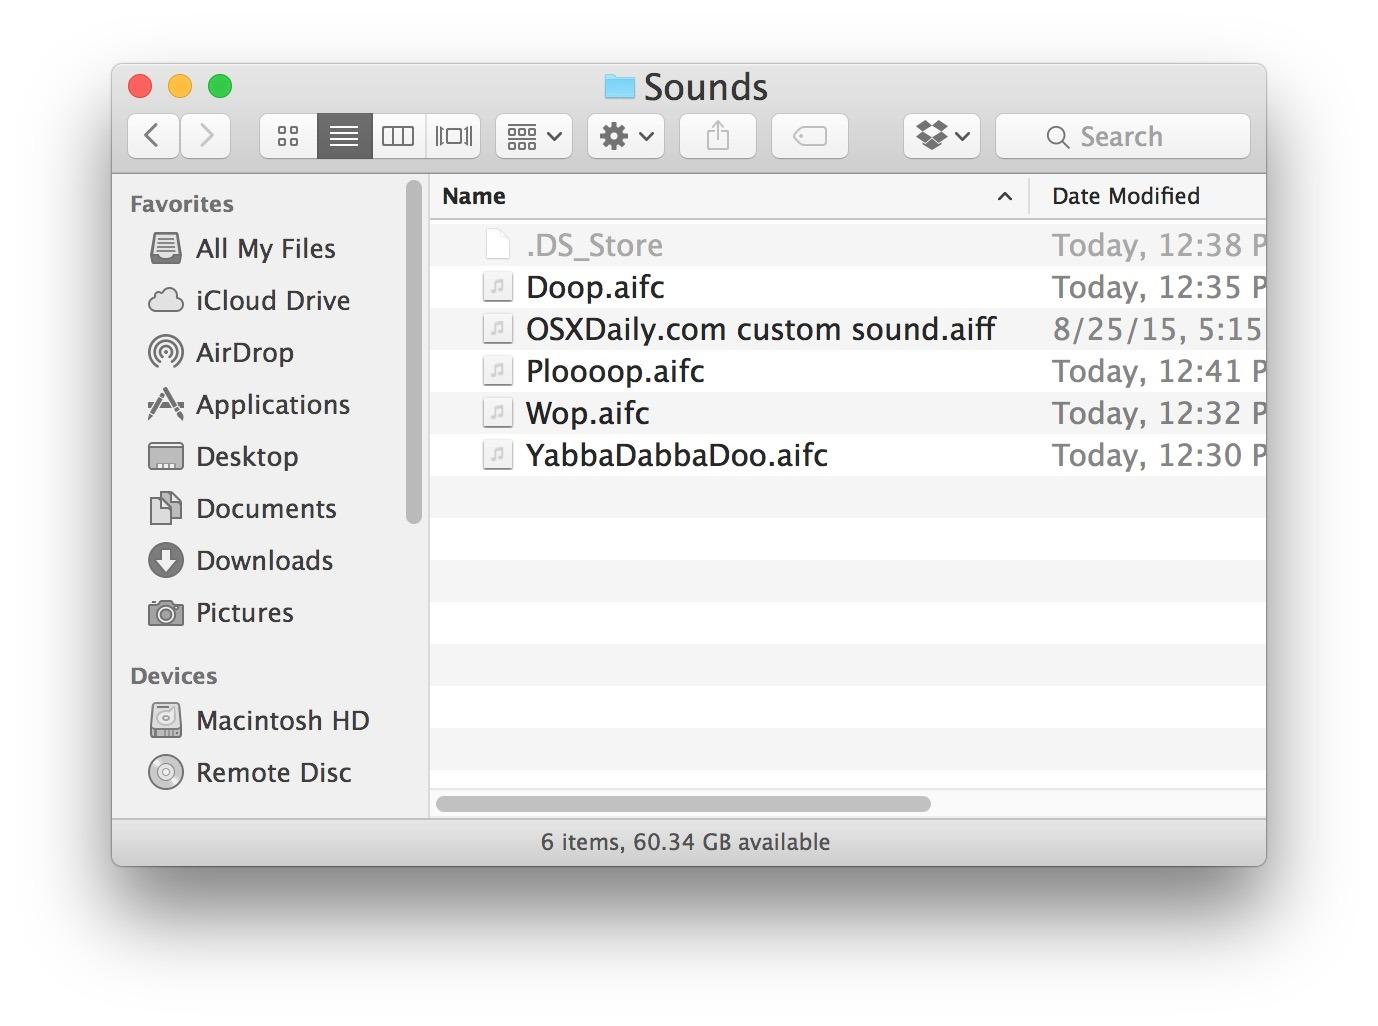 Accesso ai suoni di avviso di sistema effettuati dall'utente in Mac OS X